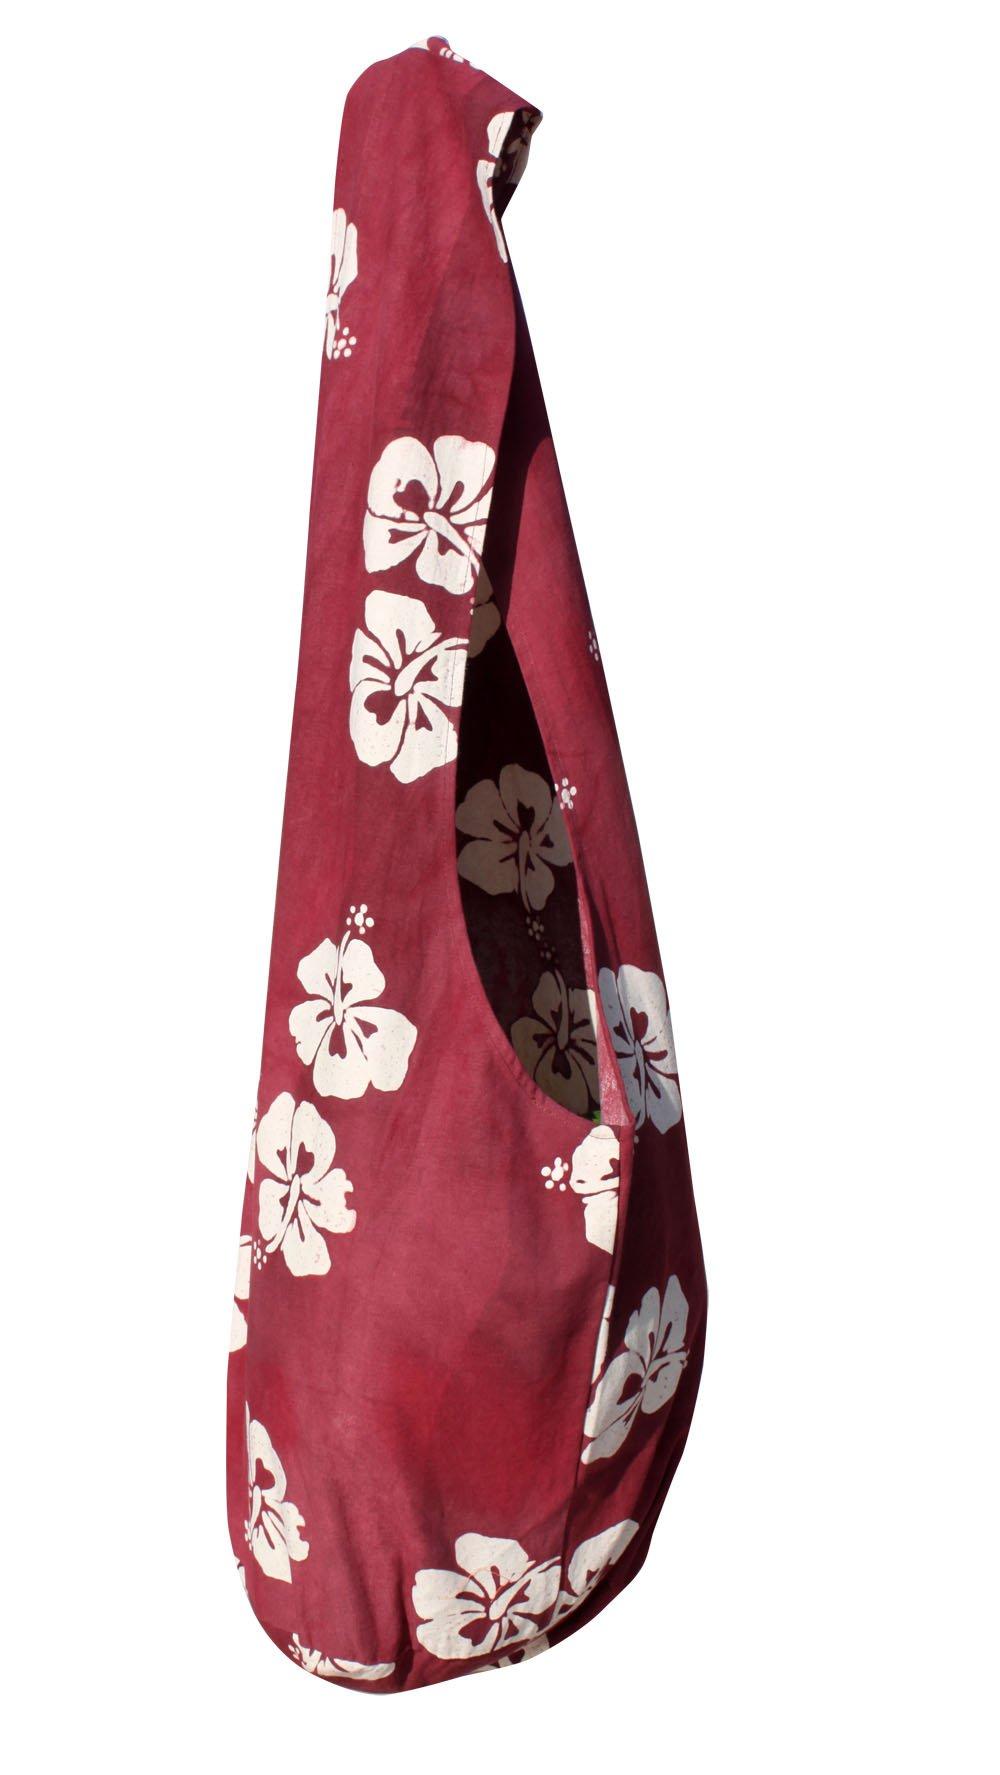 RaanPahMuang Thai Yaam Shoulder Bag Hawaiian Flower Tie Dye, X-Large, Wine Red